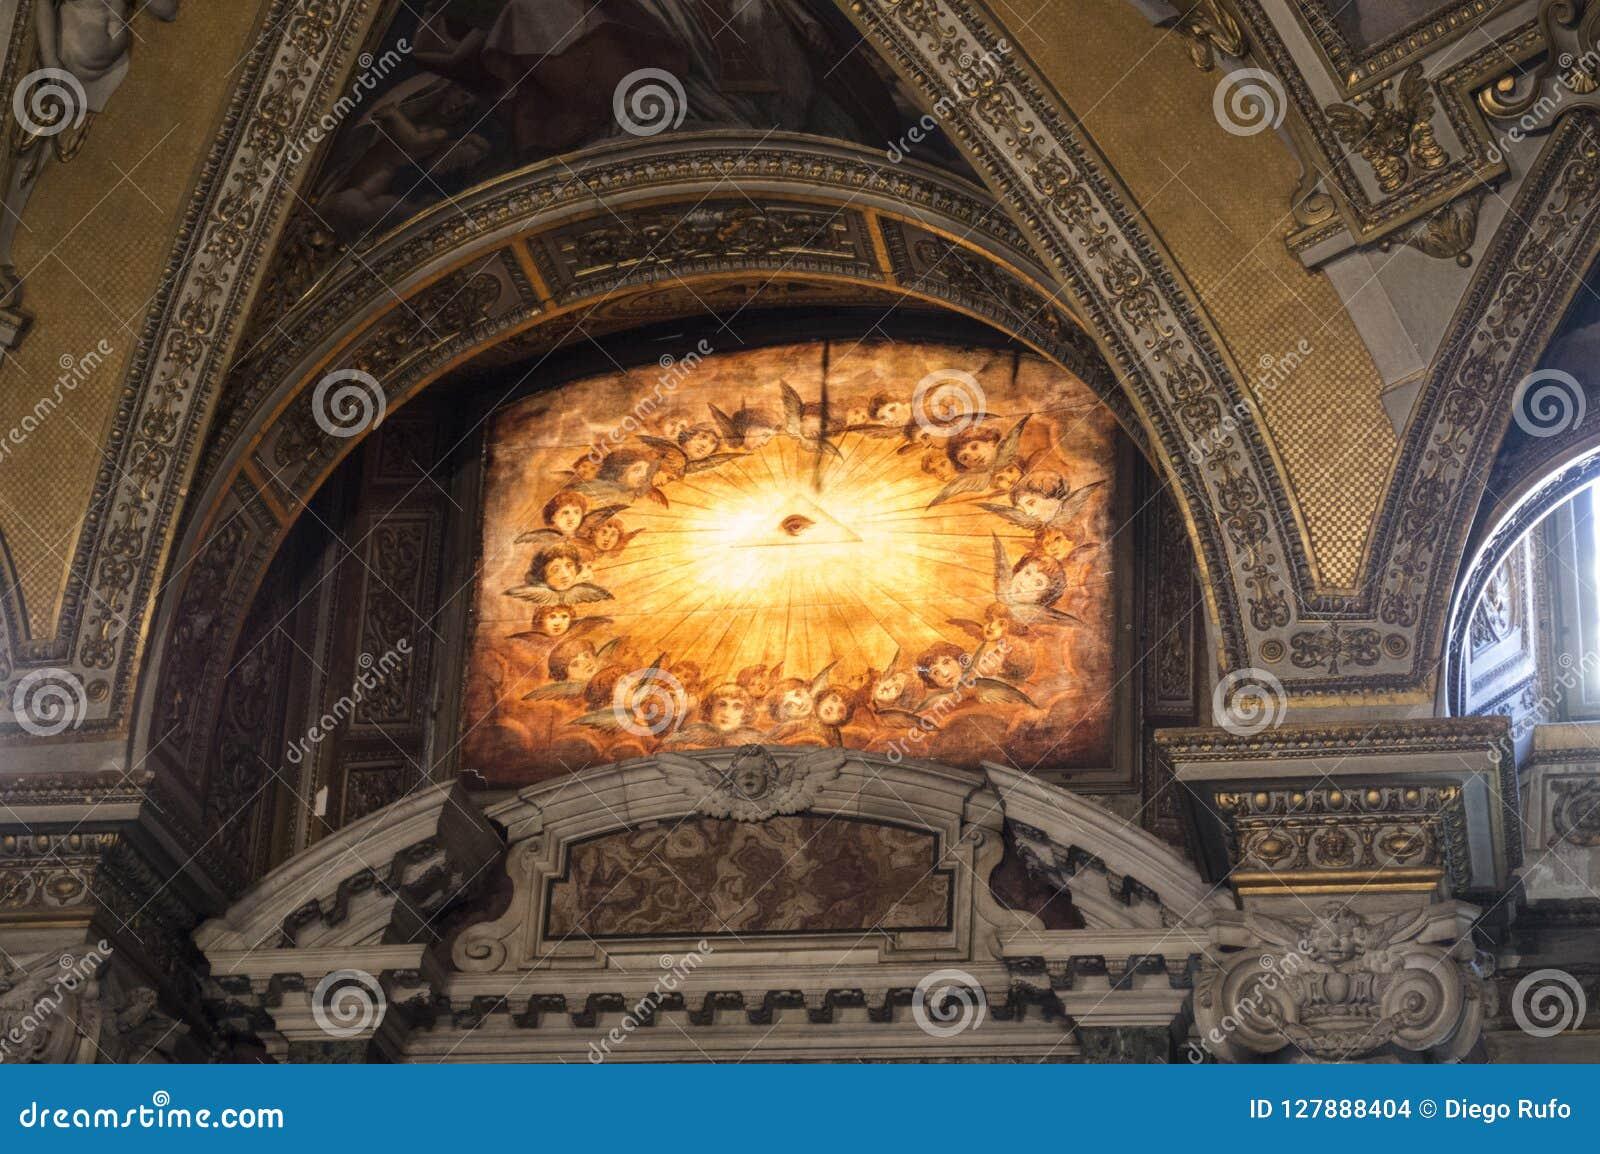 Витраж итальянского собора с глазом который видит все или глаз из Horus